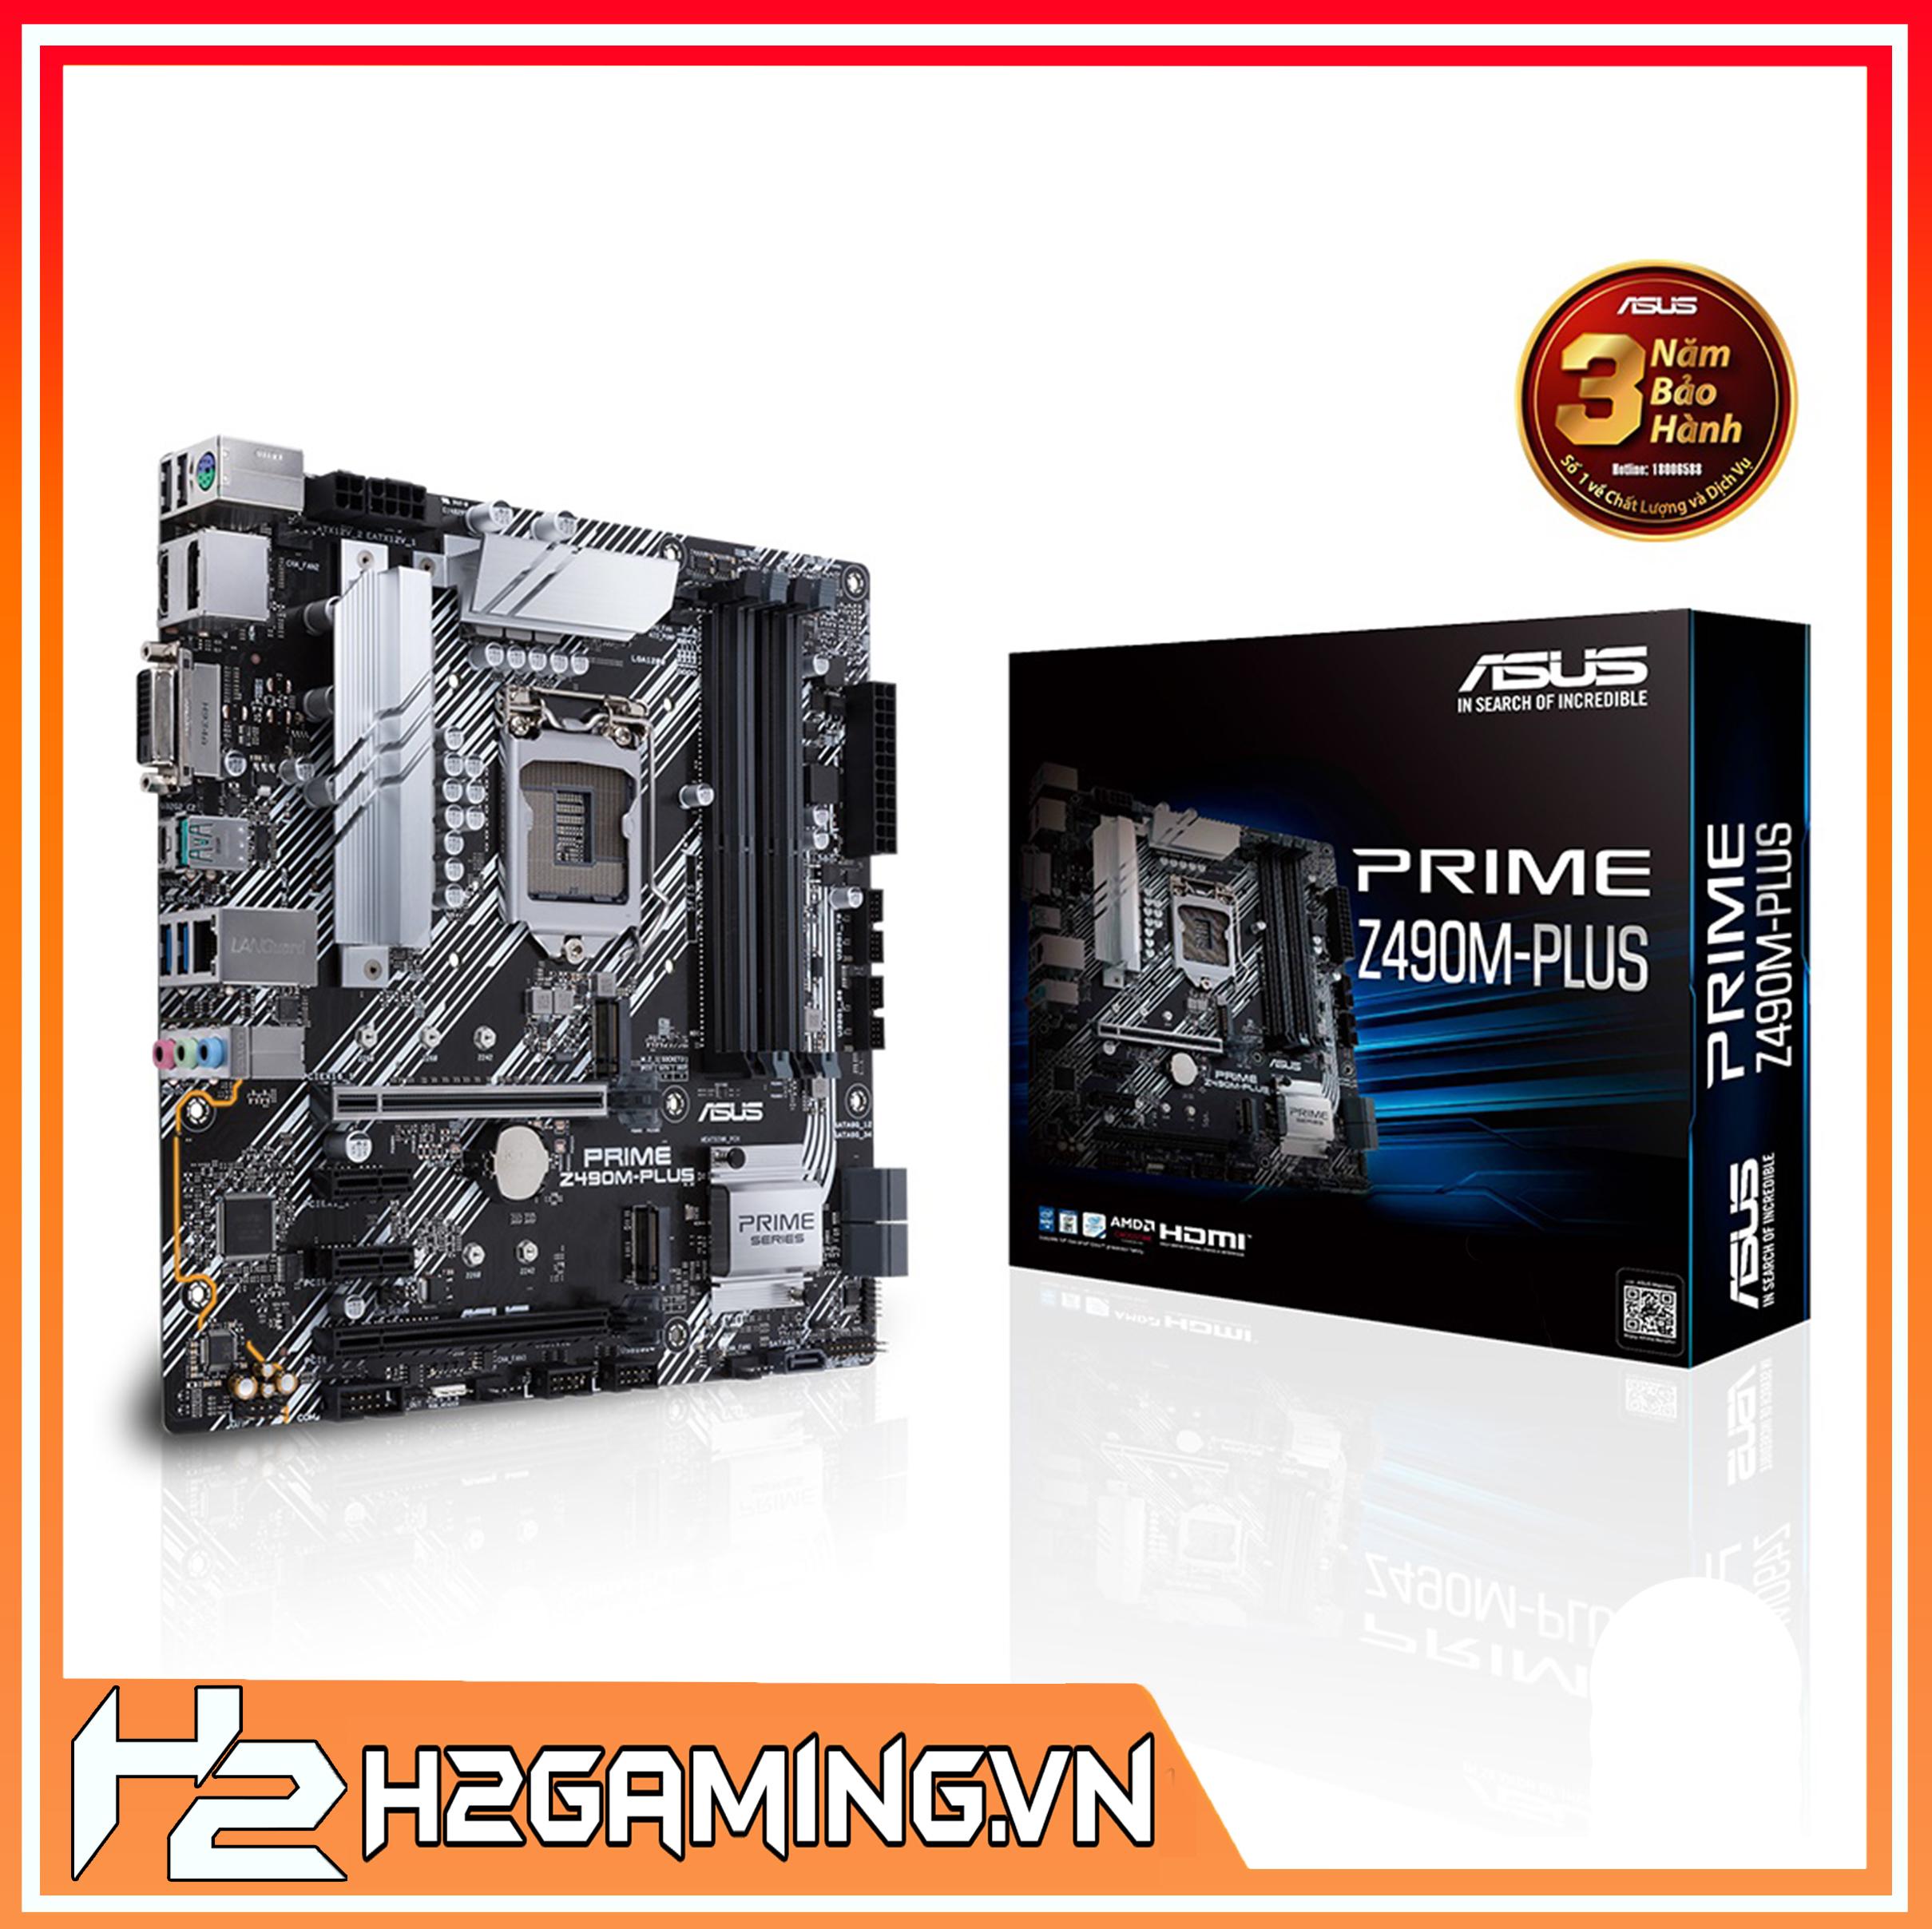 ASUS_PRIME_Z490M-PLUS_4